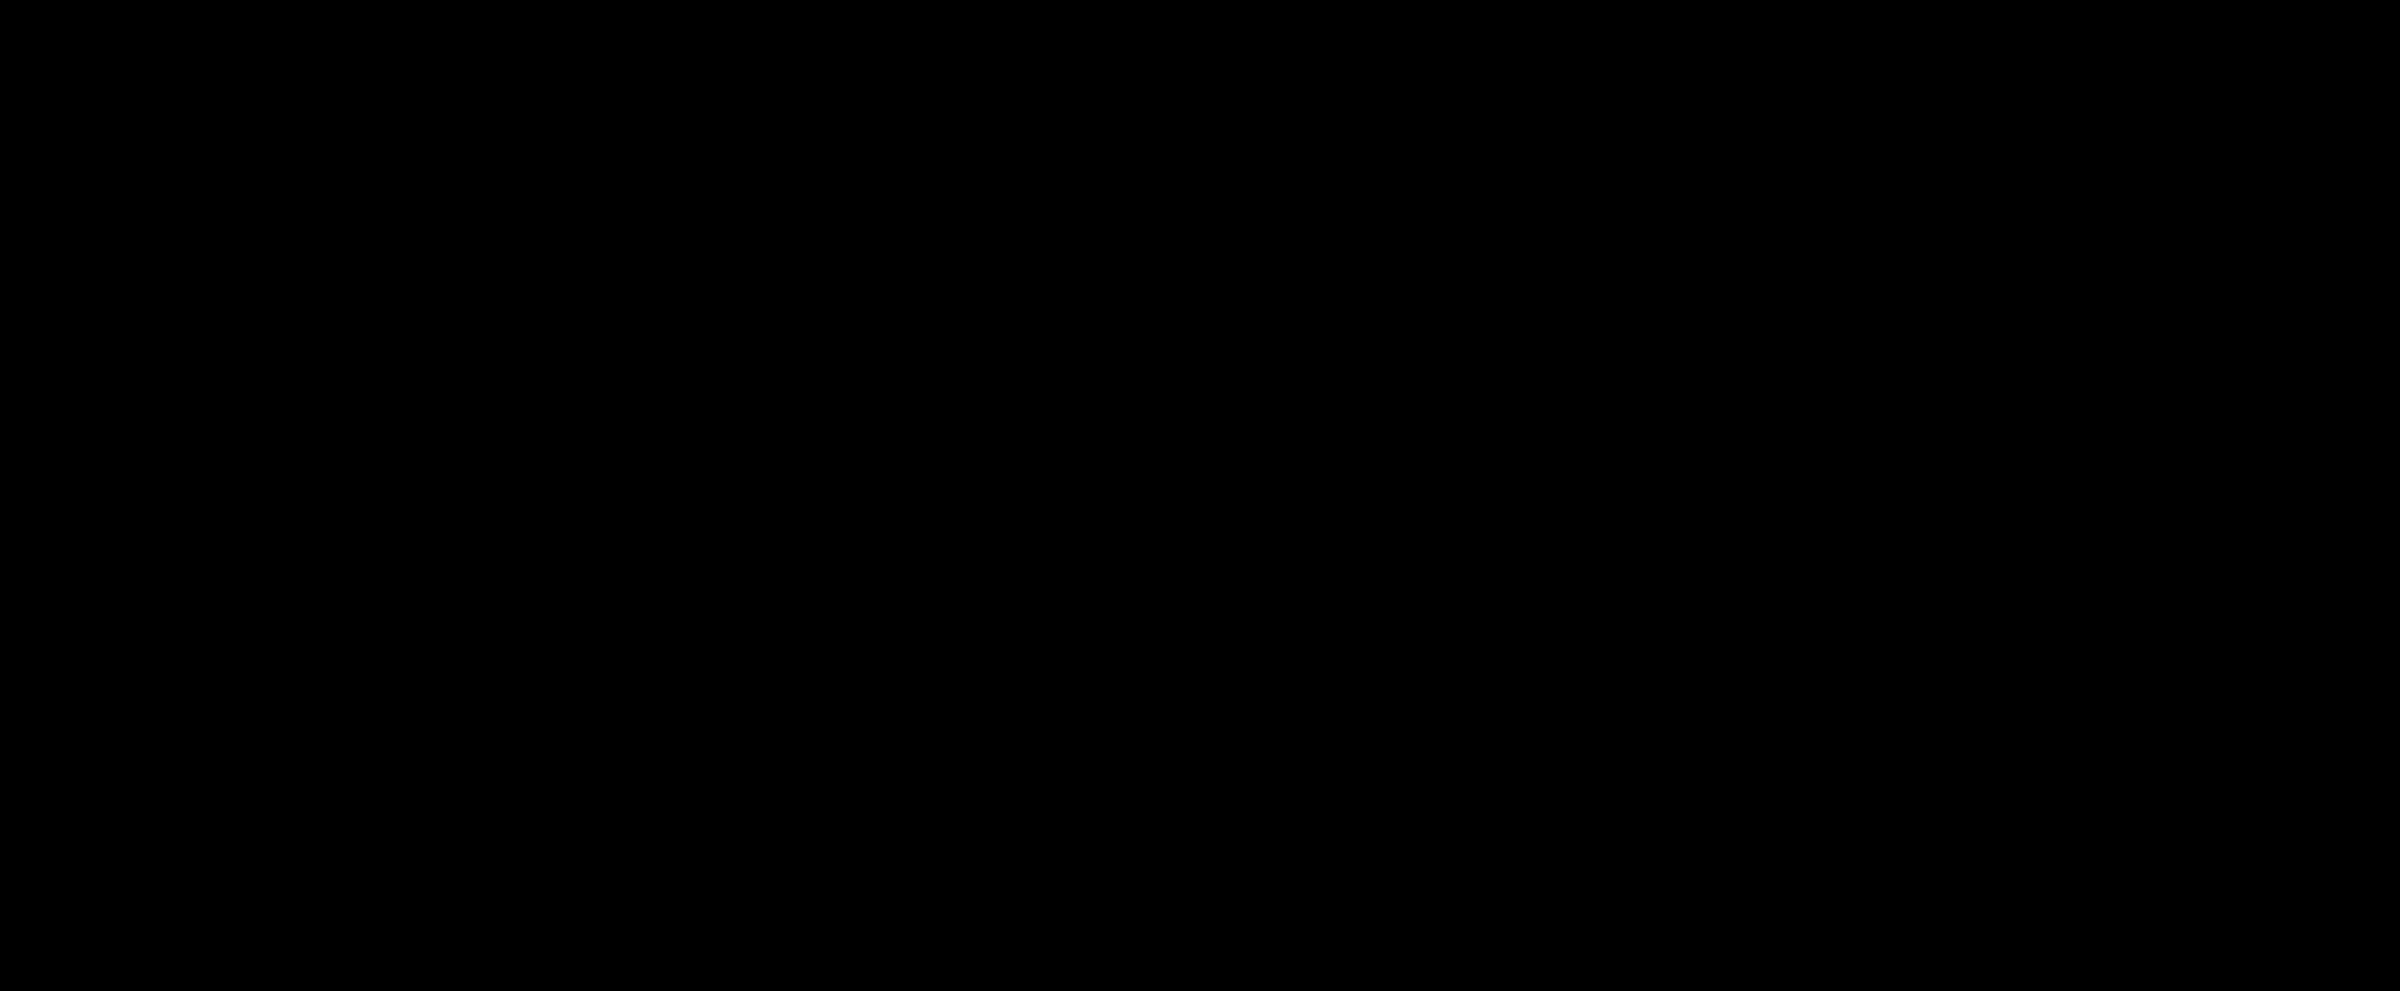 2400x991 Las Vegas Skyline Vector Black And White Download Huge Freebie